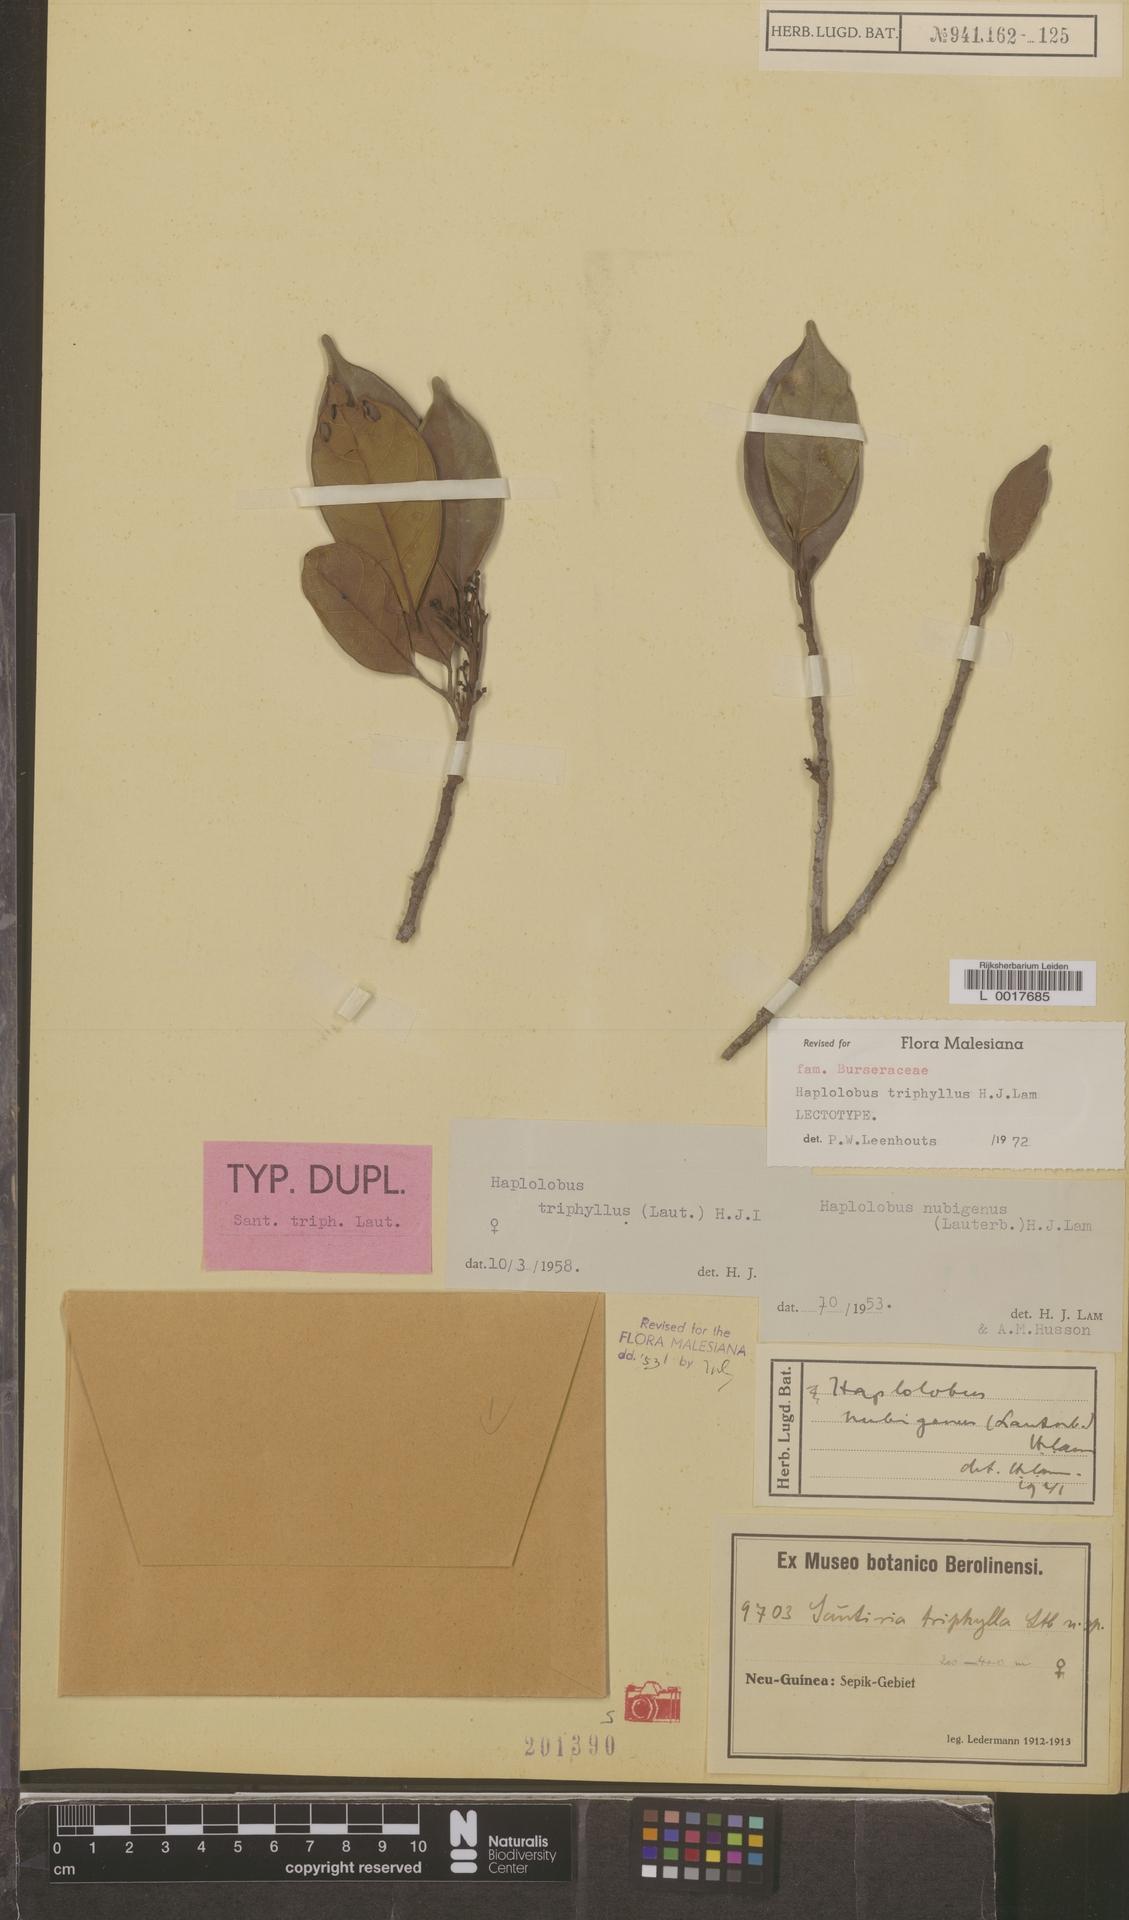 L  0017685 | Haplolobus triphyllus (Lauterb.) H.J.Lam